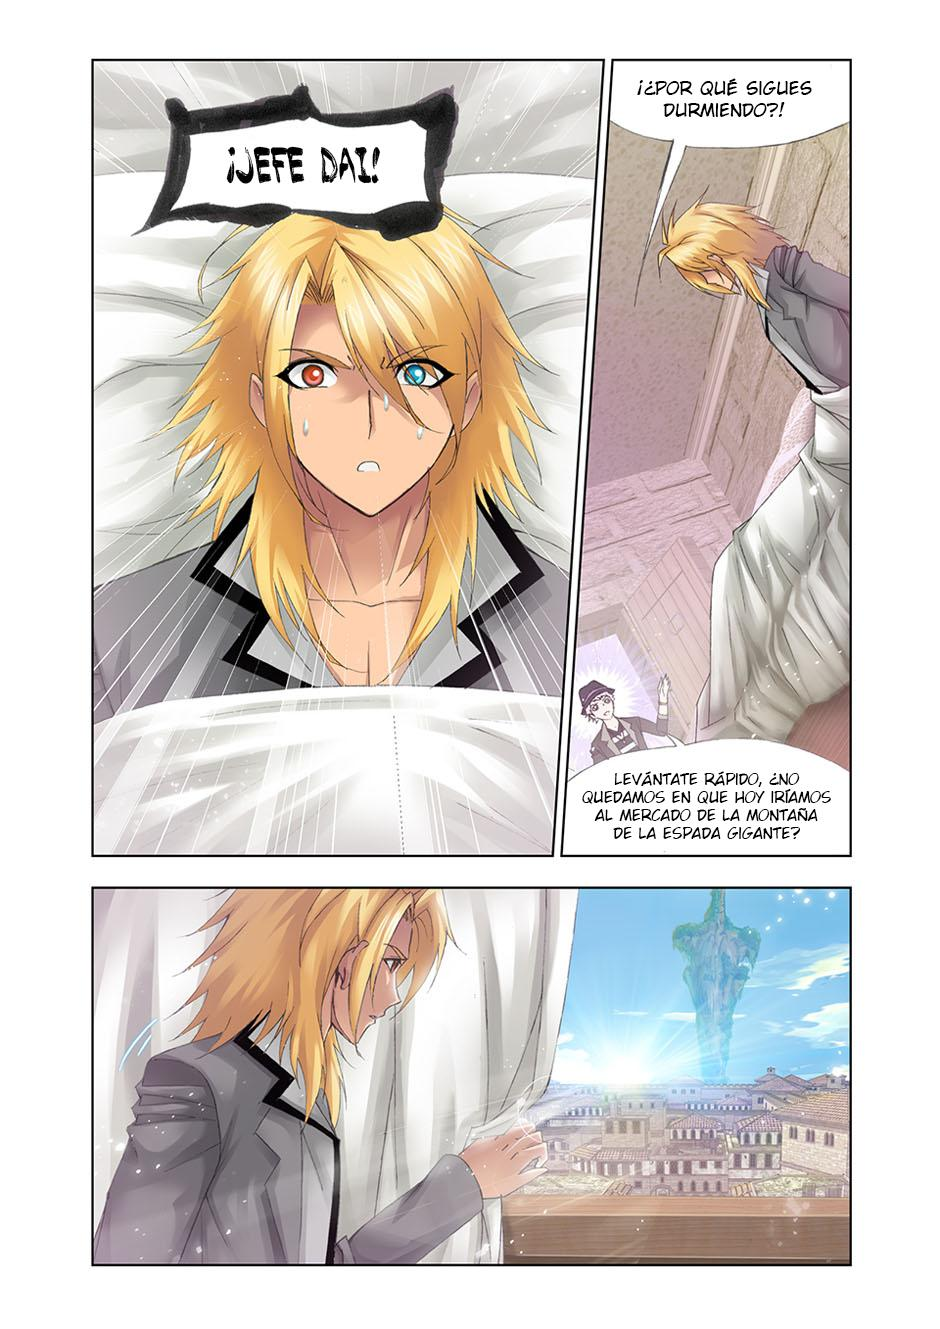 http://c5.ninemanga.com/es_manga/18/16210/417362/4ac07c110aaa5ec04a3f57ca4b4a8e9d.jpg Page 5